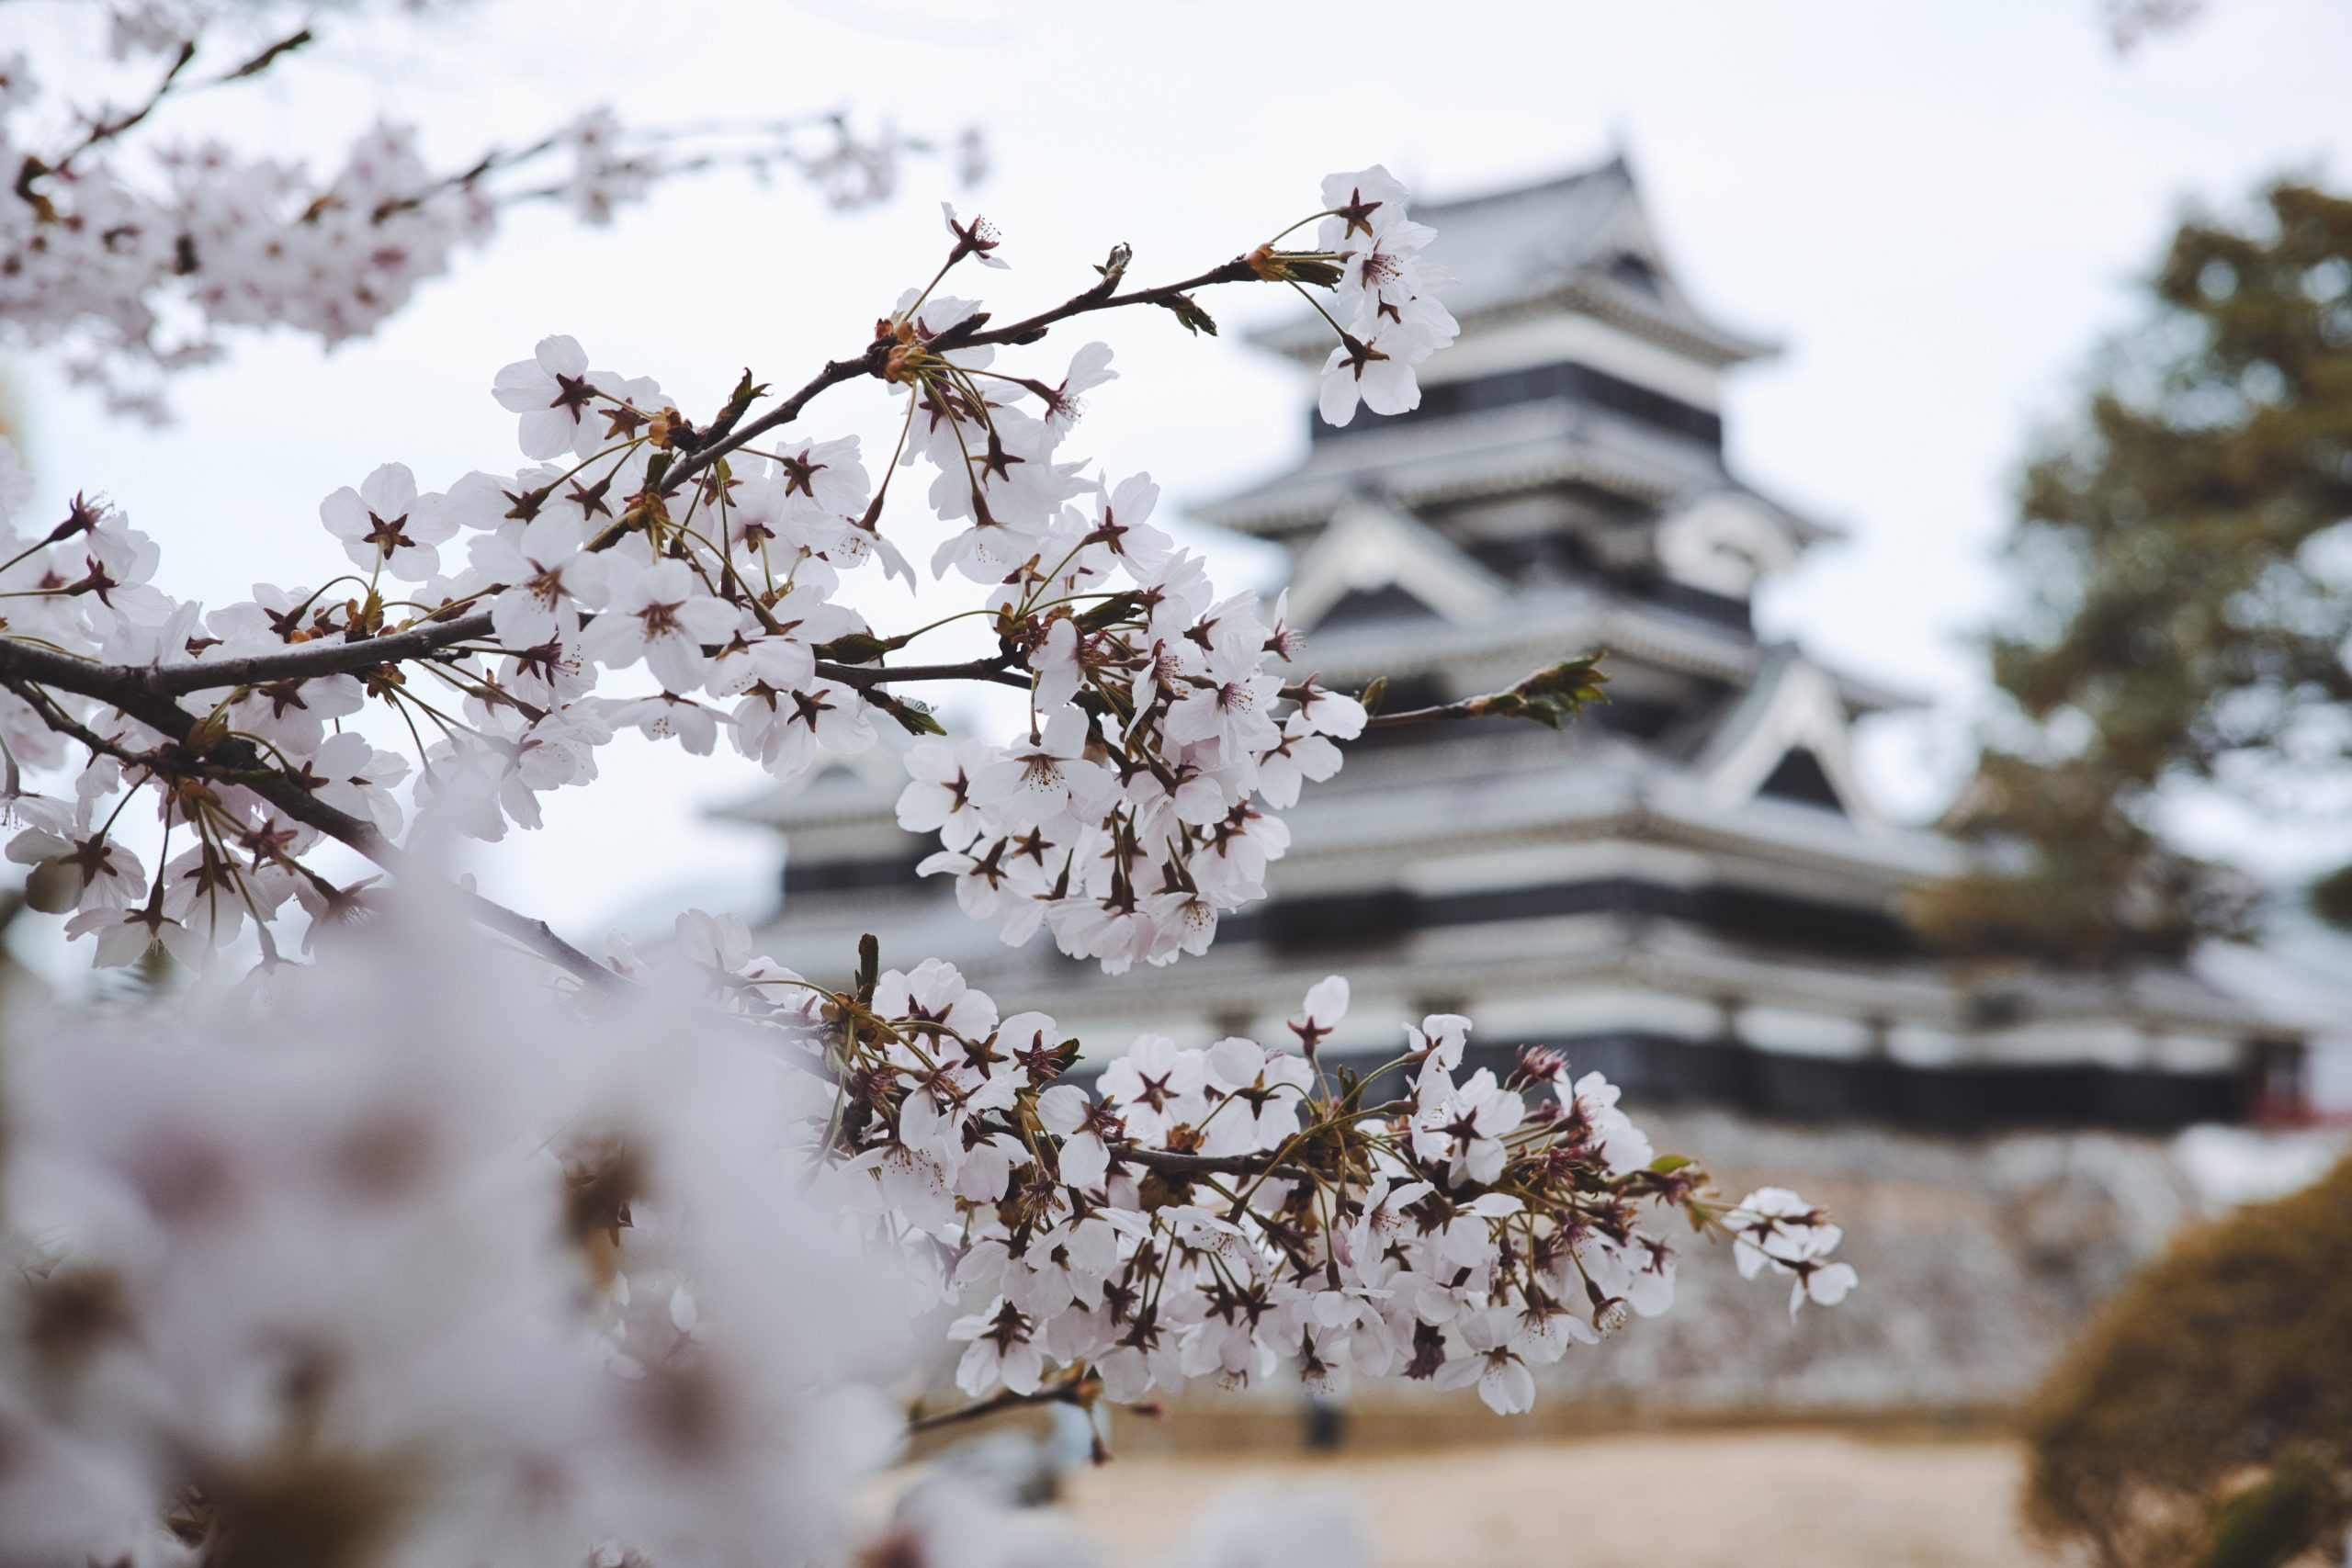 Gaji TKI di Jepang: Lowongan dan Besar Gajinya